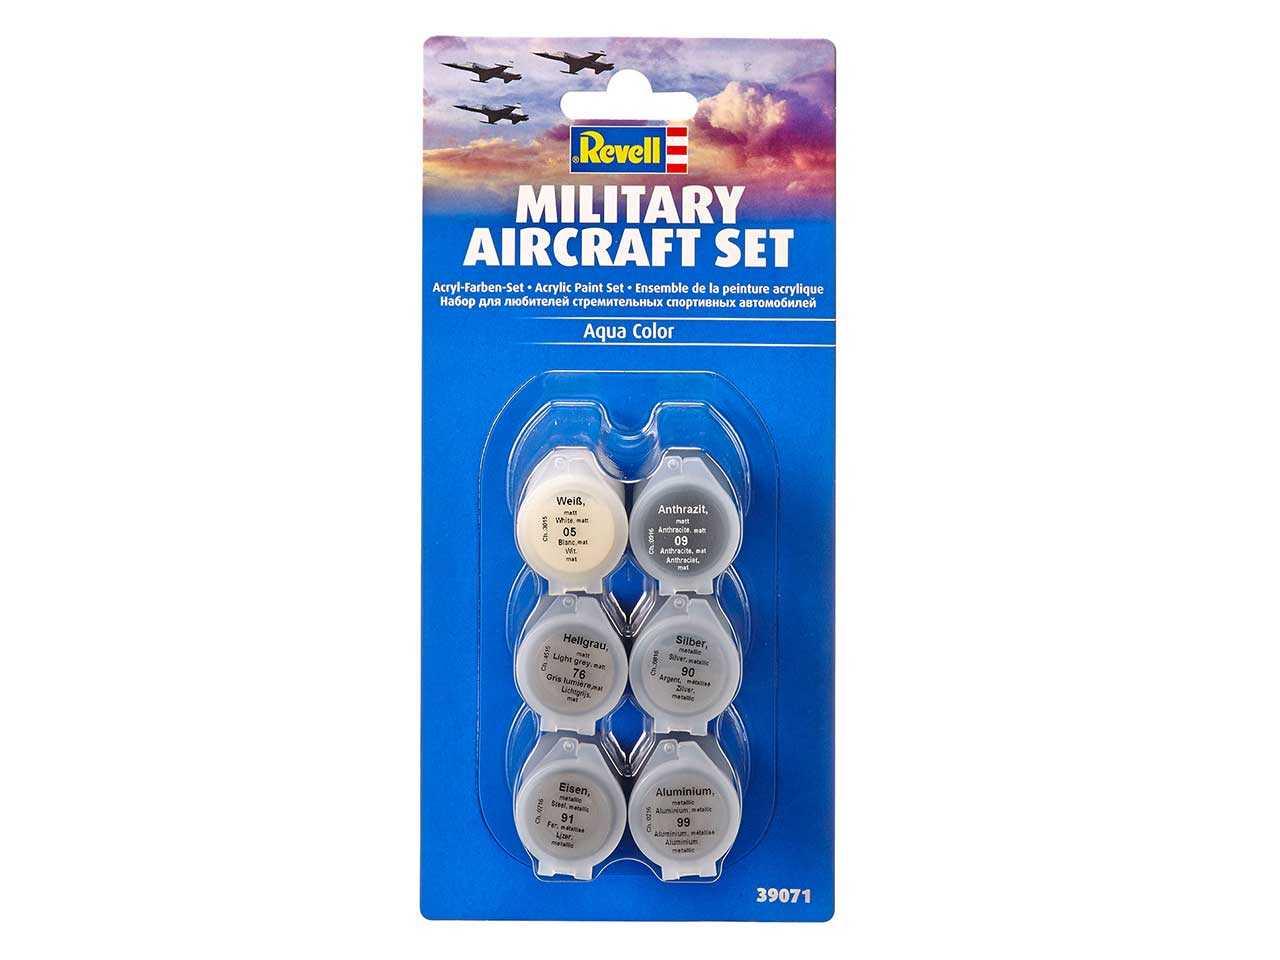 Sada barev Aqua Color 39071 - Military Aircraft Set